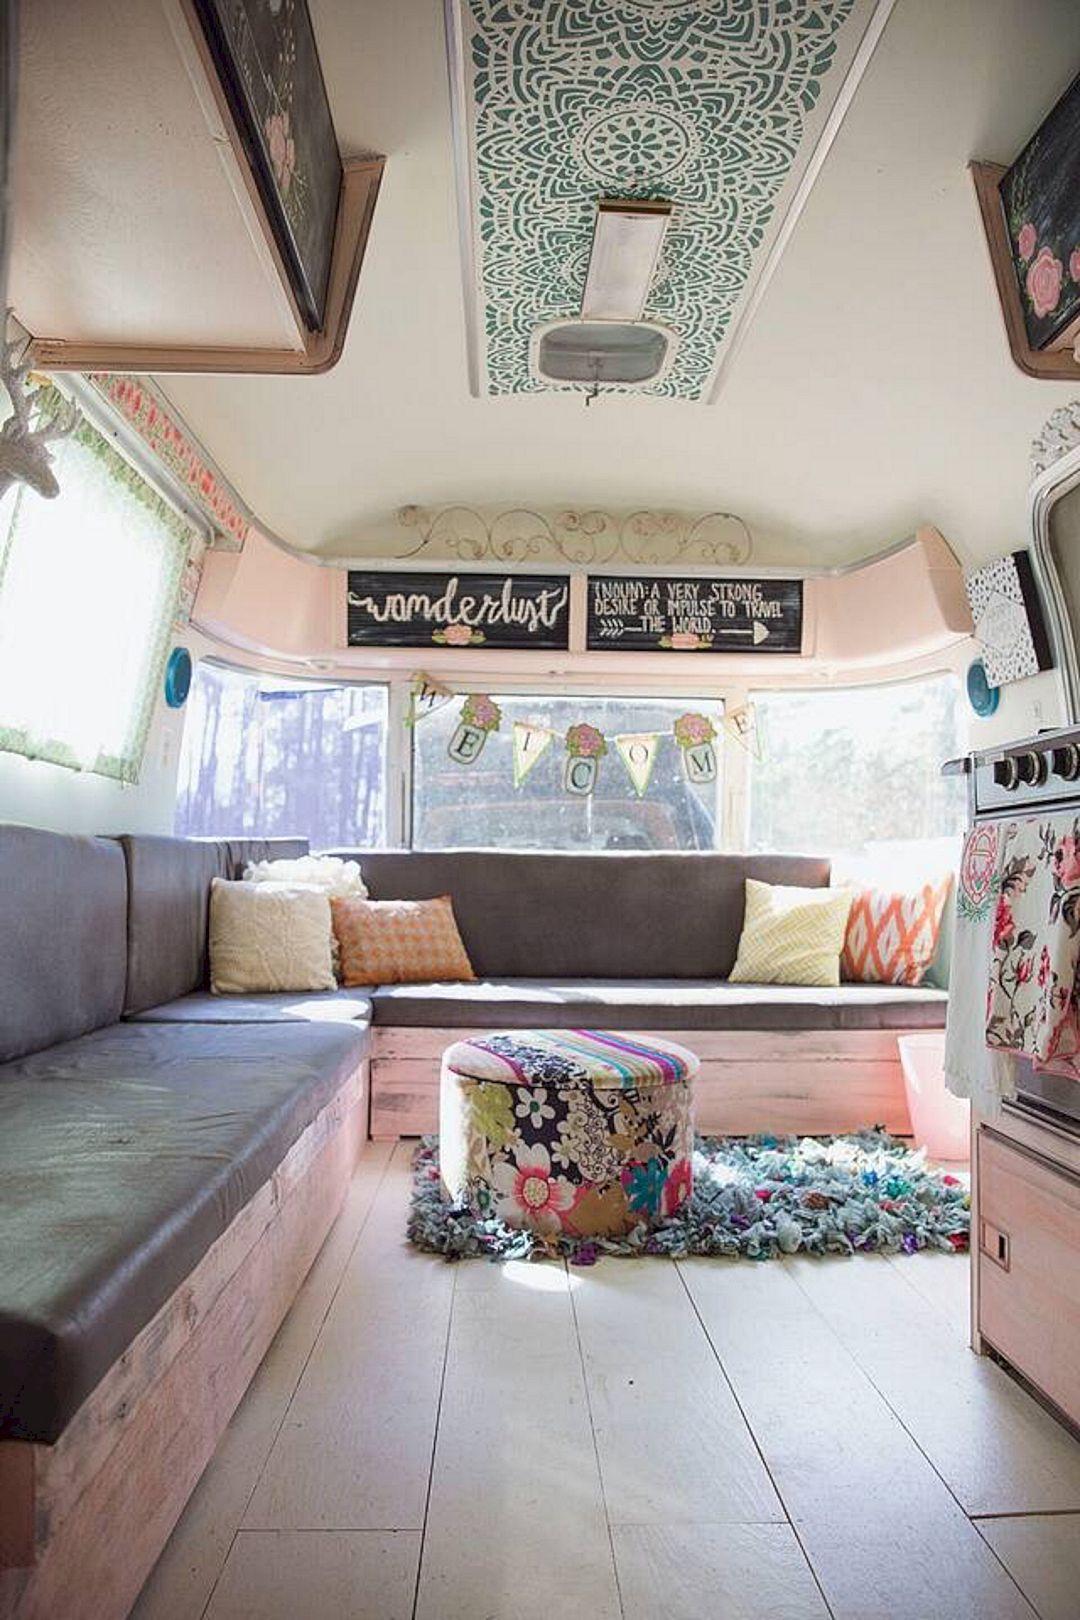 camper design ideas house ide decorating interior